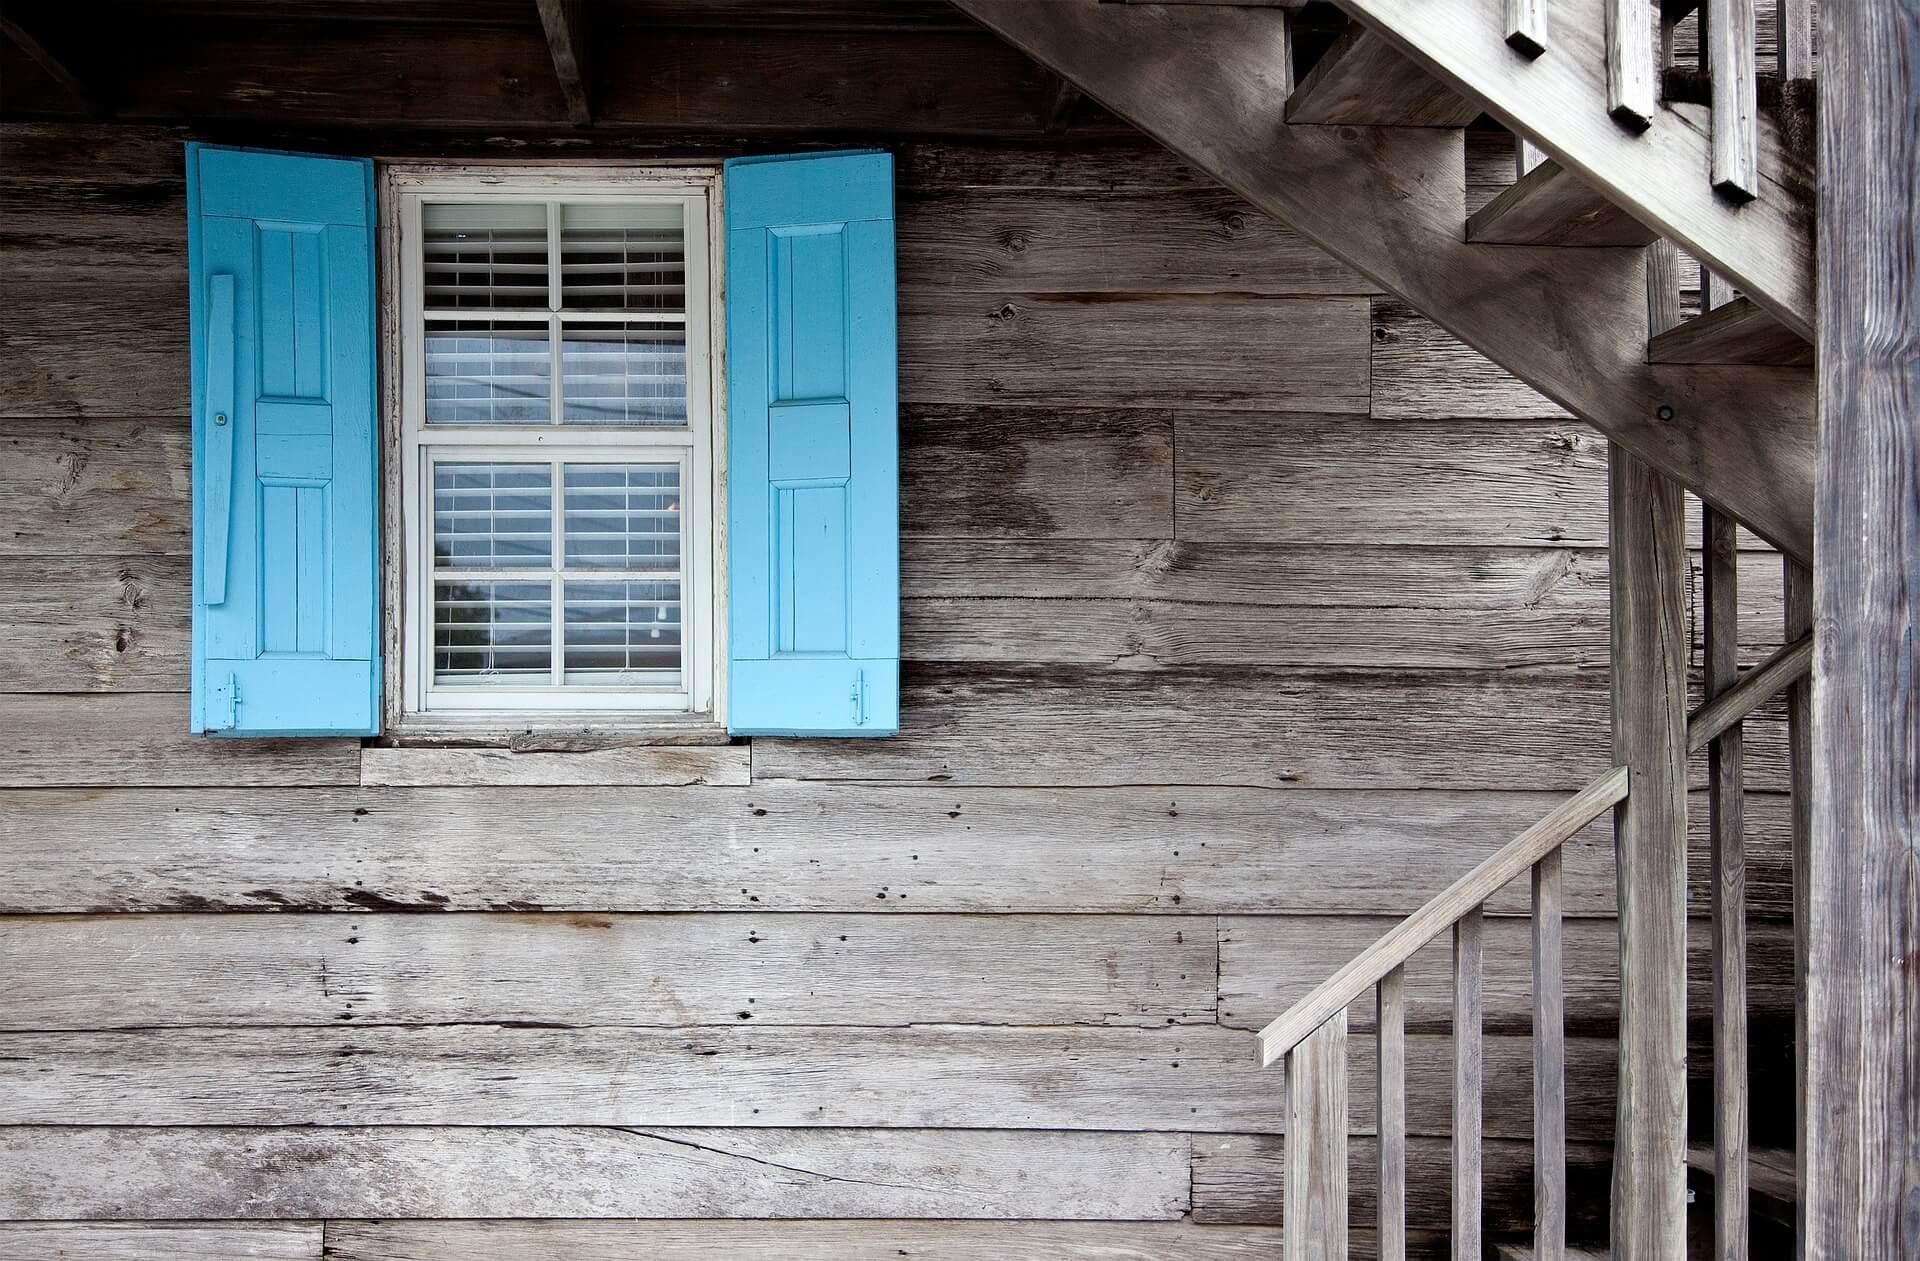 Haus mit Fensterläden